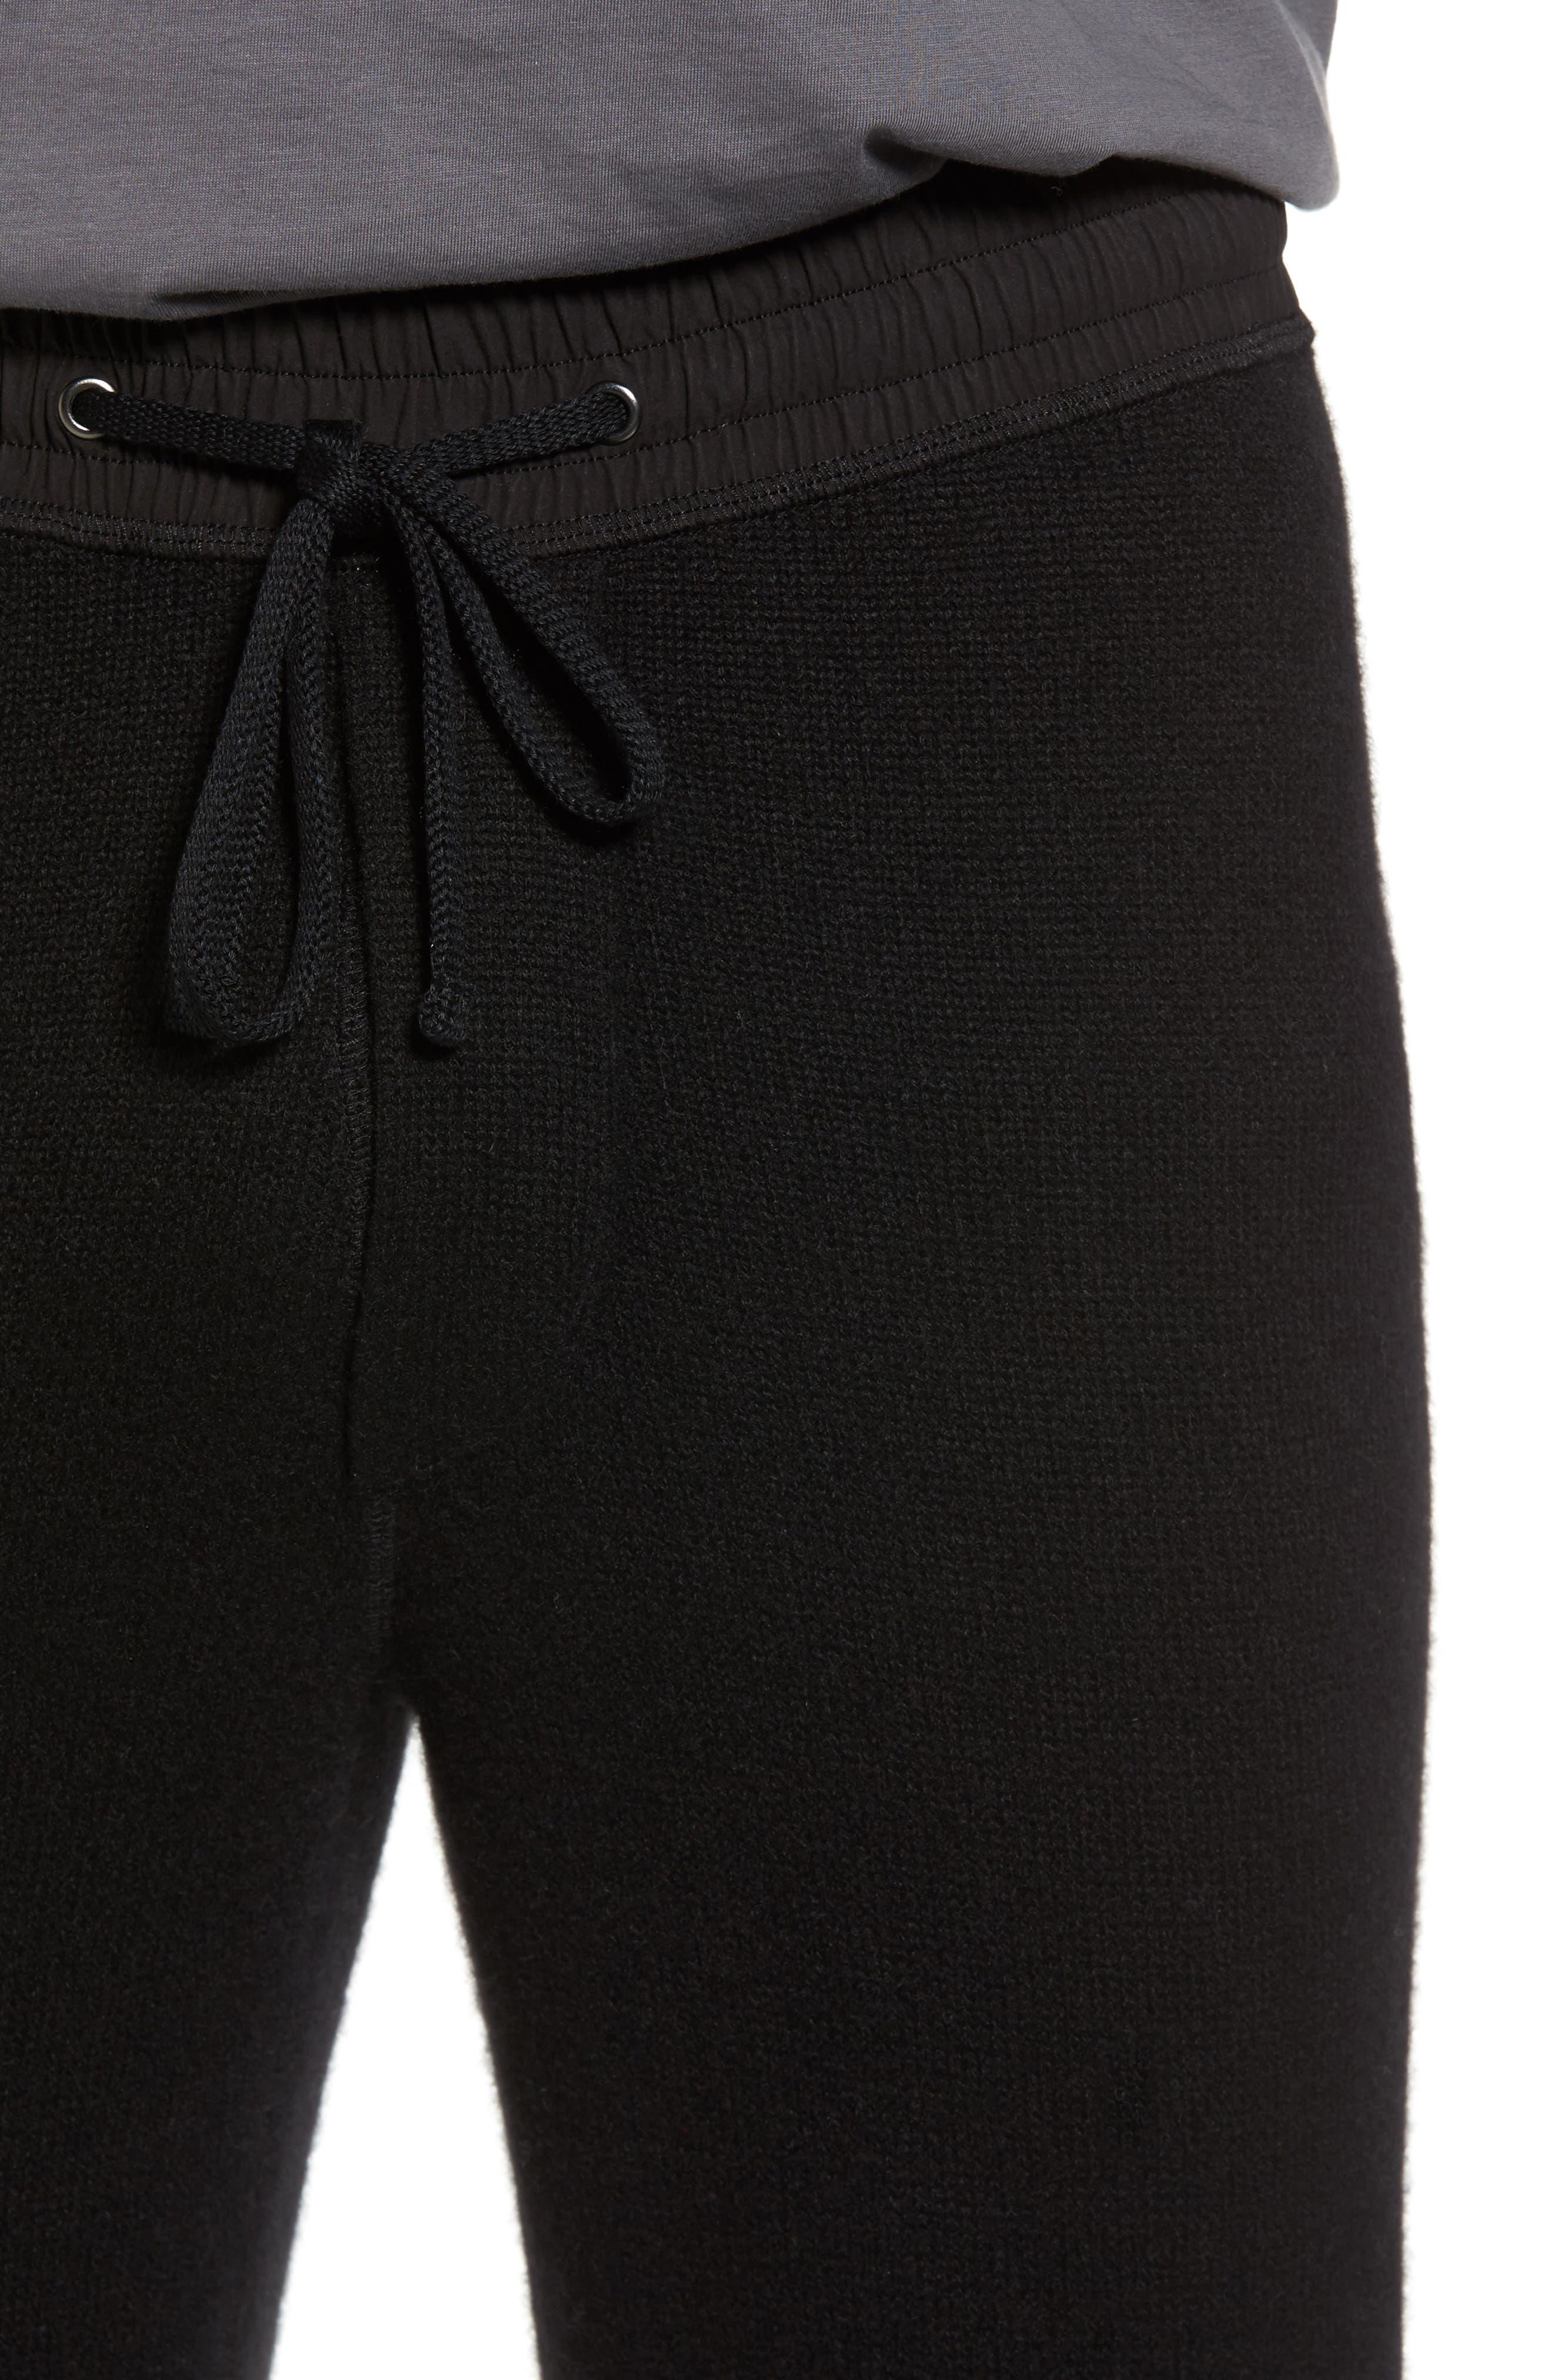 Cashmere Sweatpants,                             Alternate thumbnail 4, color,                             001